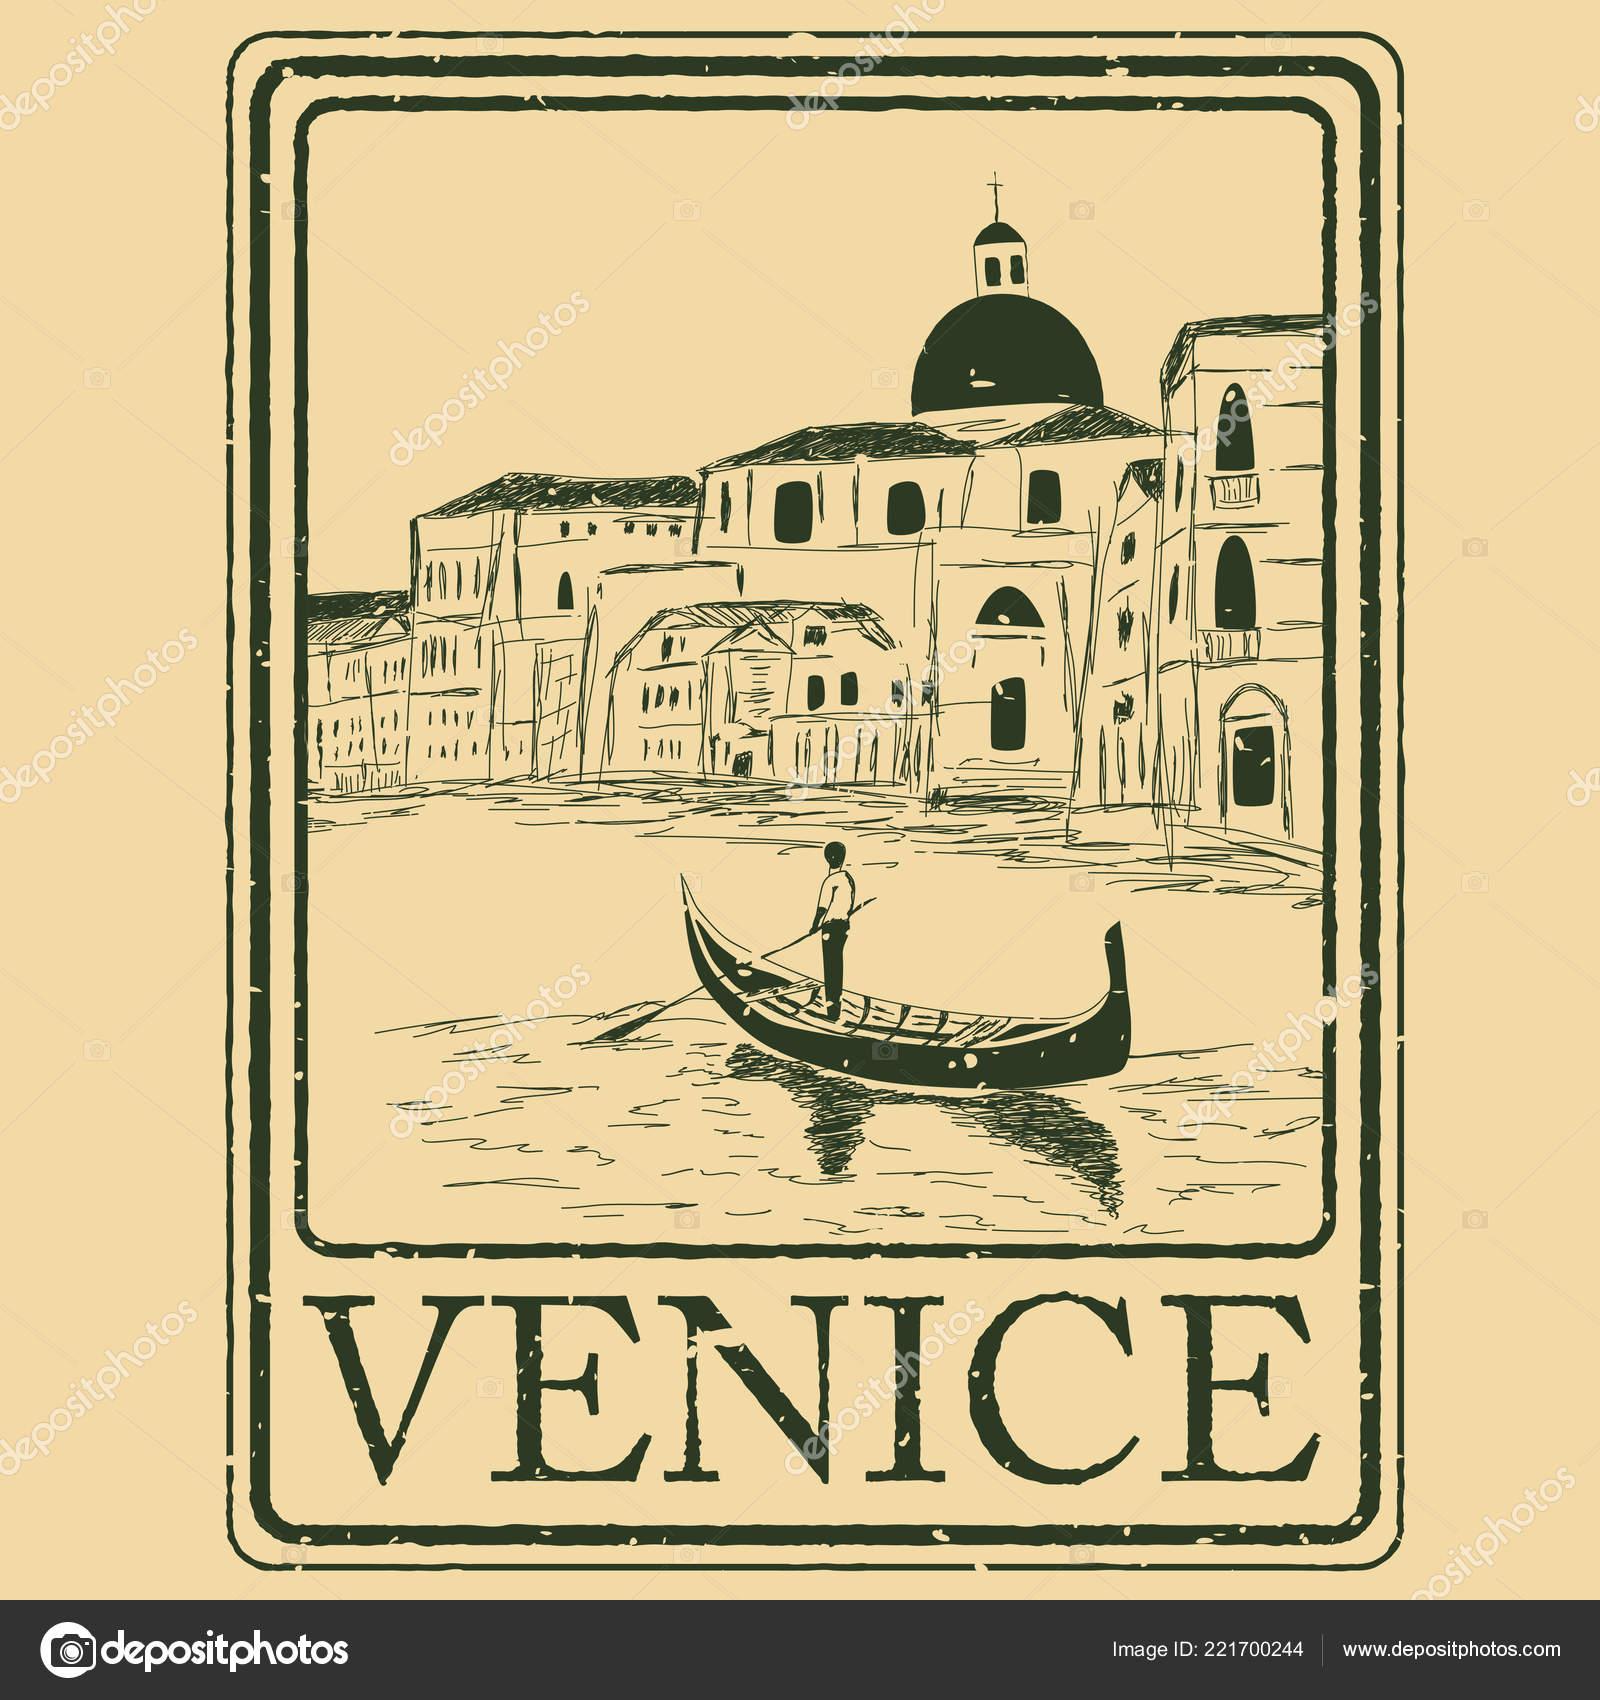 35da29ac1 Estampilla Aislado Venecia Italia Arquitectura Venecia Con Ilustración  Vector Góndola — Archivo Imágenes Vectoriales